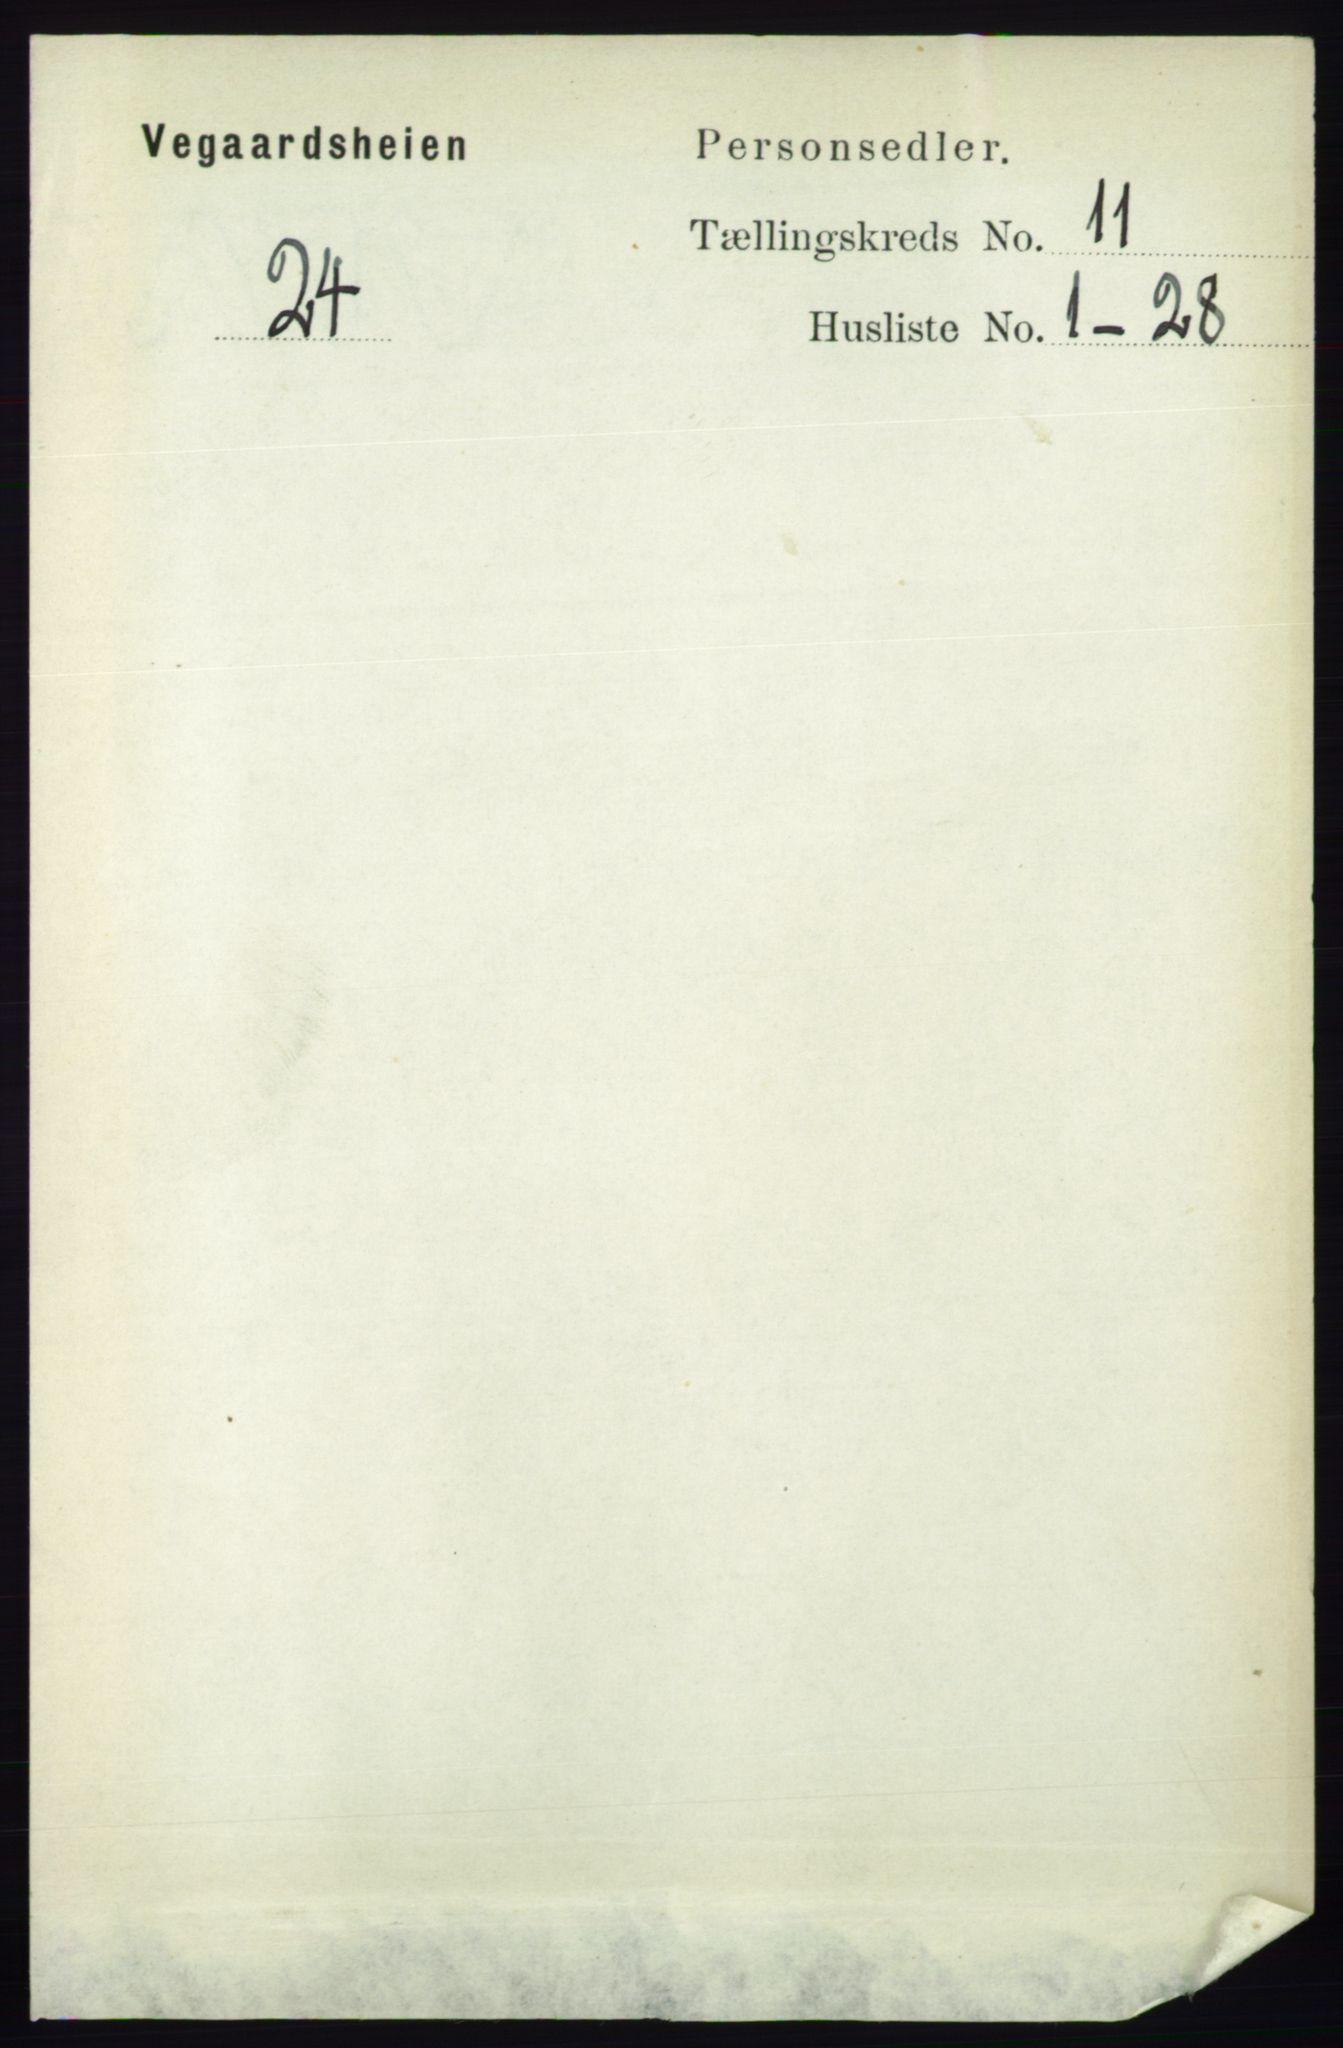 RA, Folketelling 1891 for 0912 Vegårshei herred, 1891, s. 2189